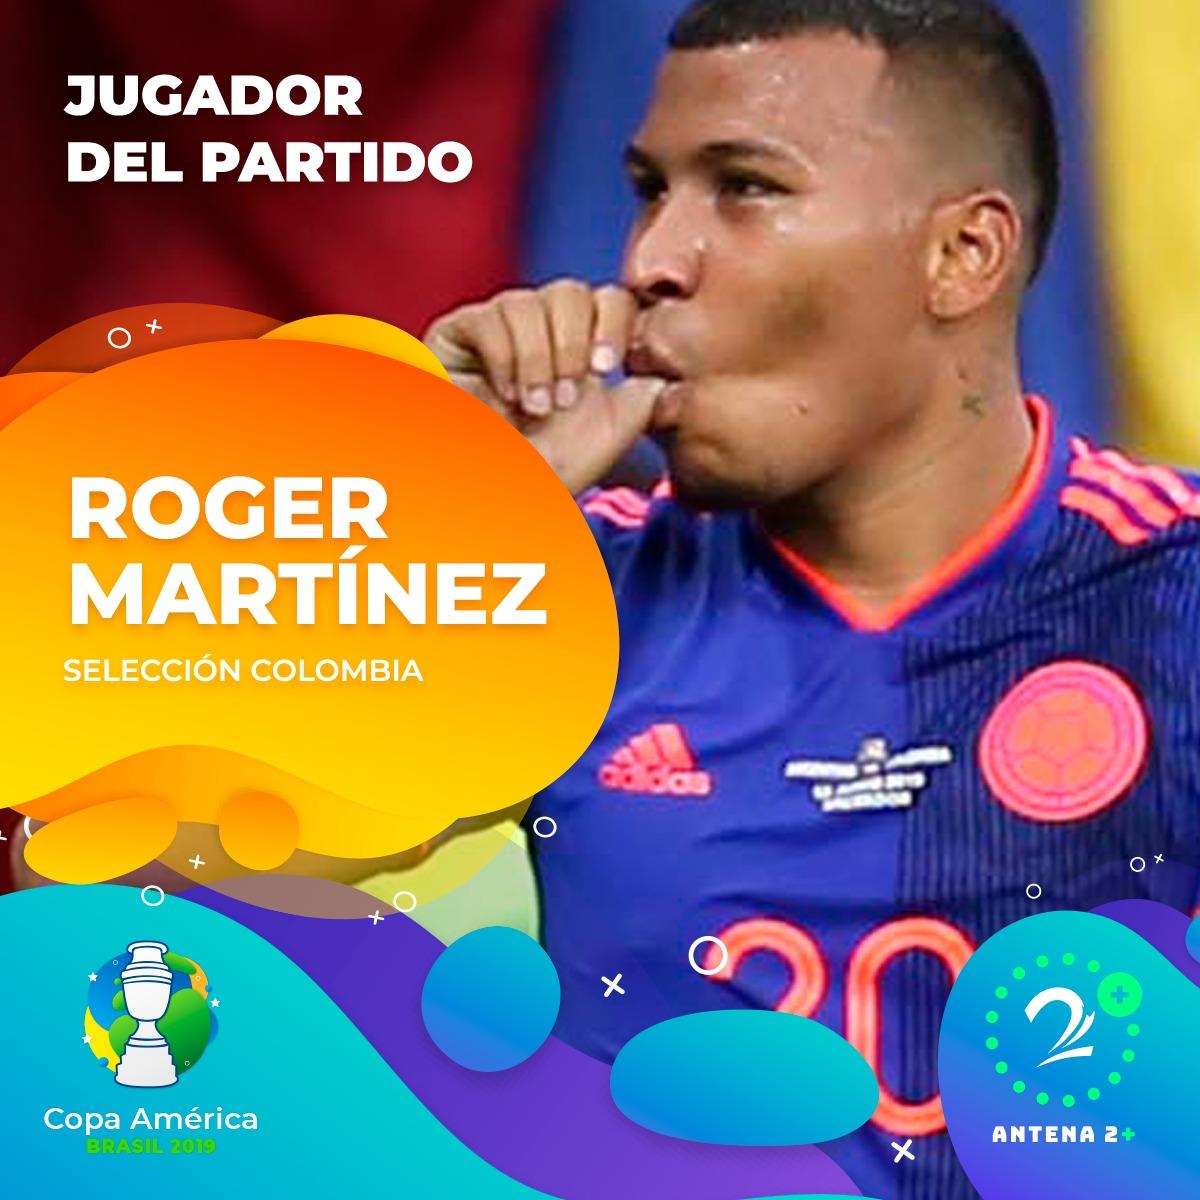 Roger Martínez